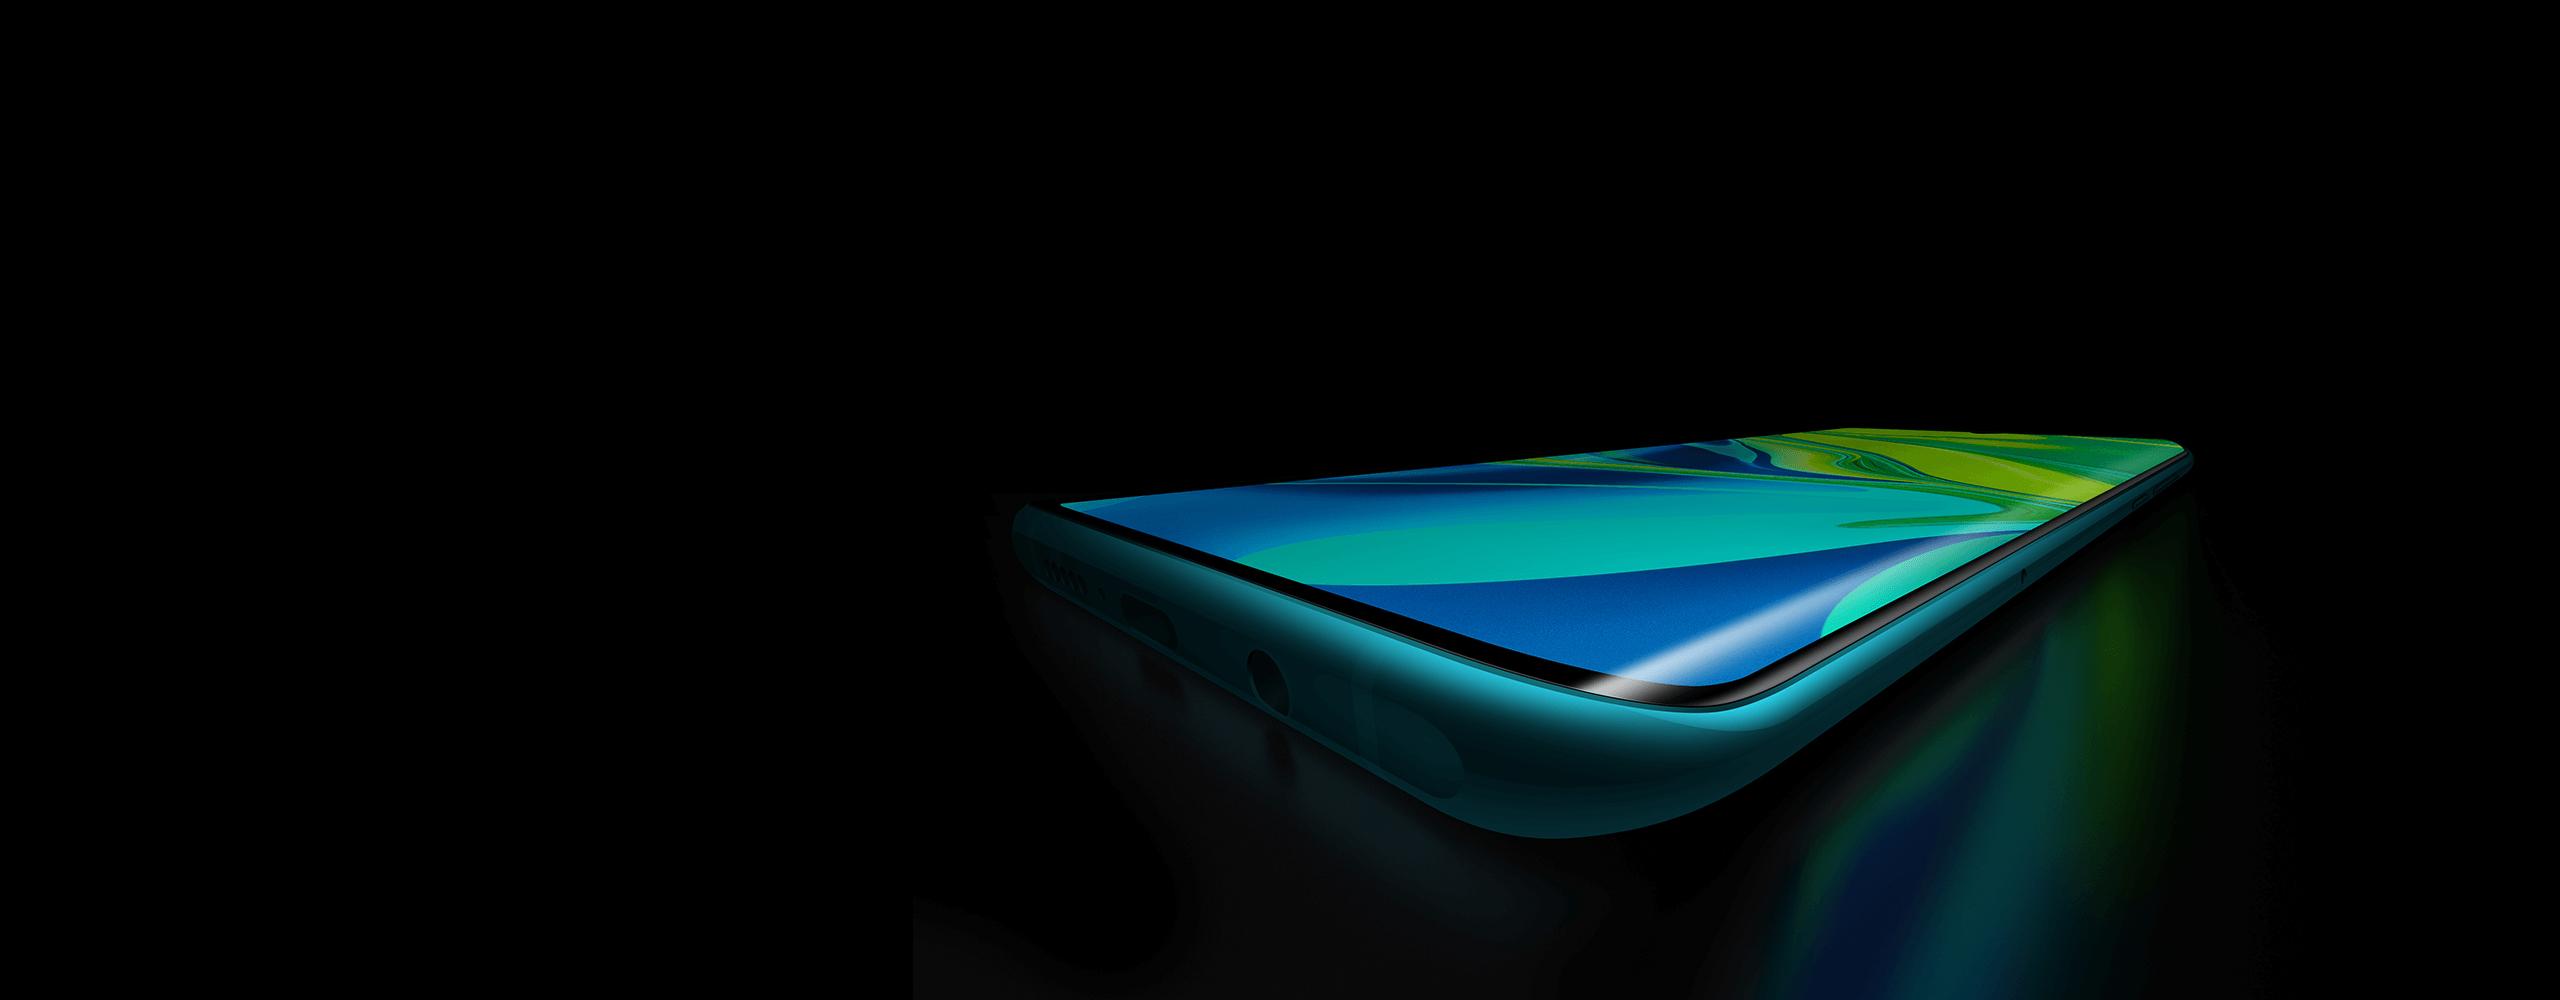 Xiaomi Mi Note 10 Pro Glacier White